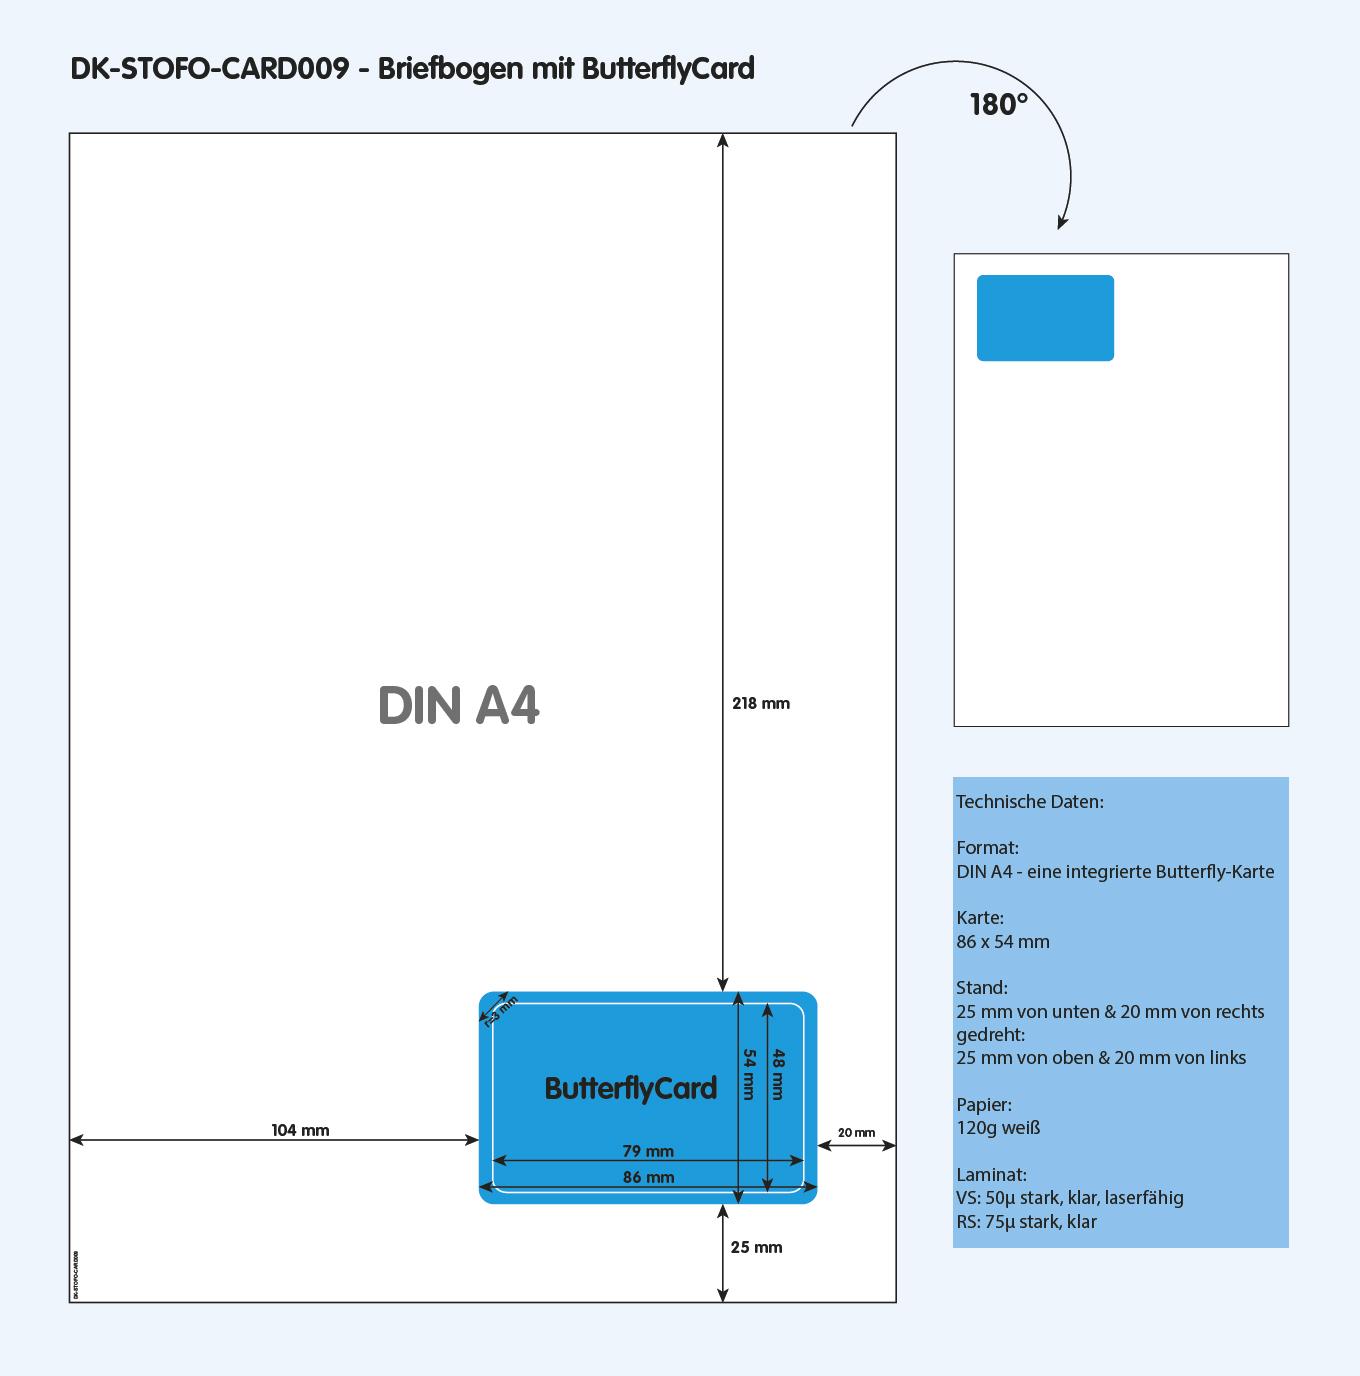 DK-STOFO-CARD009 - technische Zeichnung